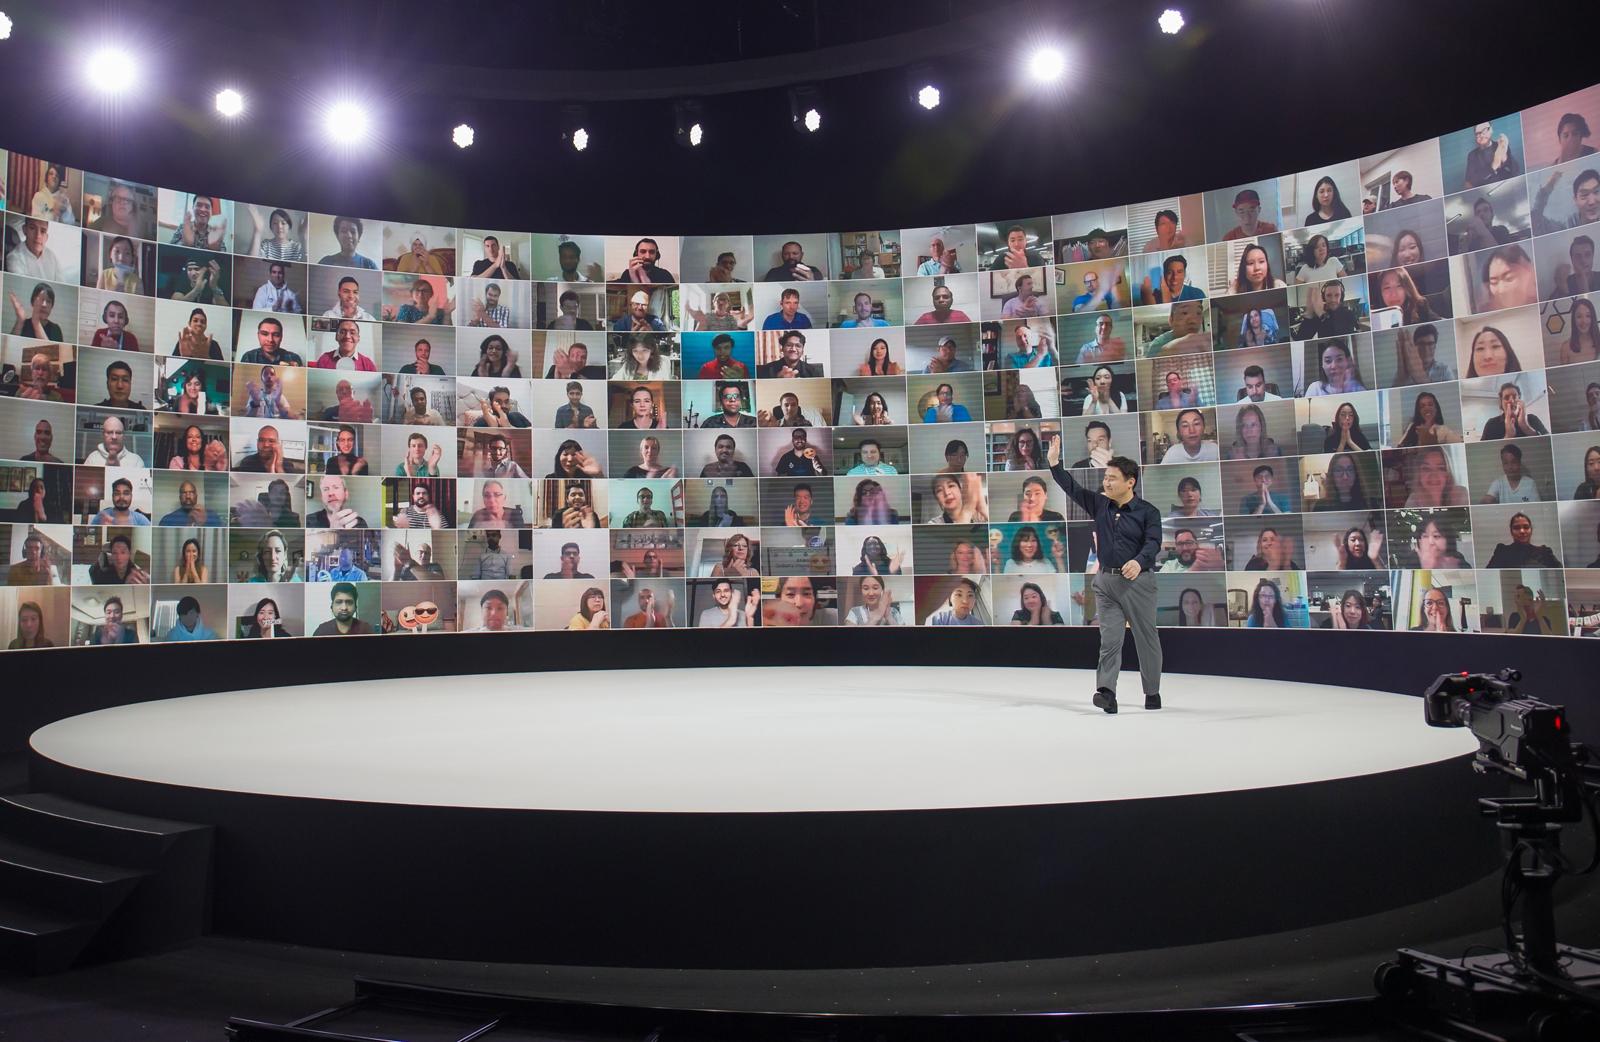 5일(한국시간) 온라인을 통해 진행된 '갤럭시 언팩 2020' 행사에서 삼성전자 무선사업부장 노태문 사장이 온라인을 통해 참여한 갤럭시 팬들과 인사하는 모습